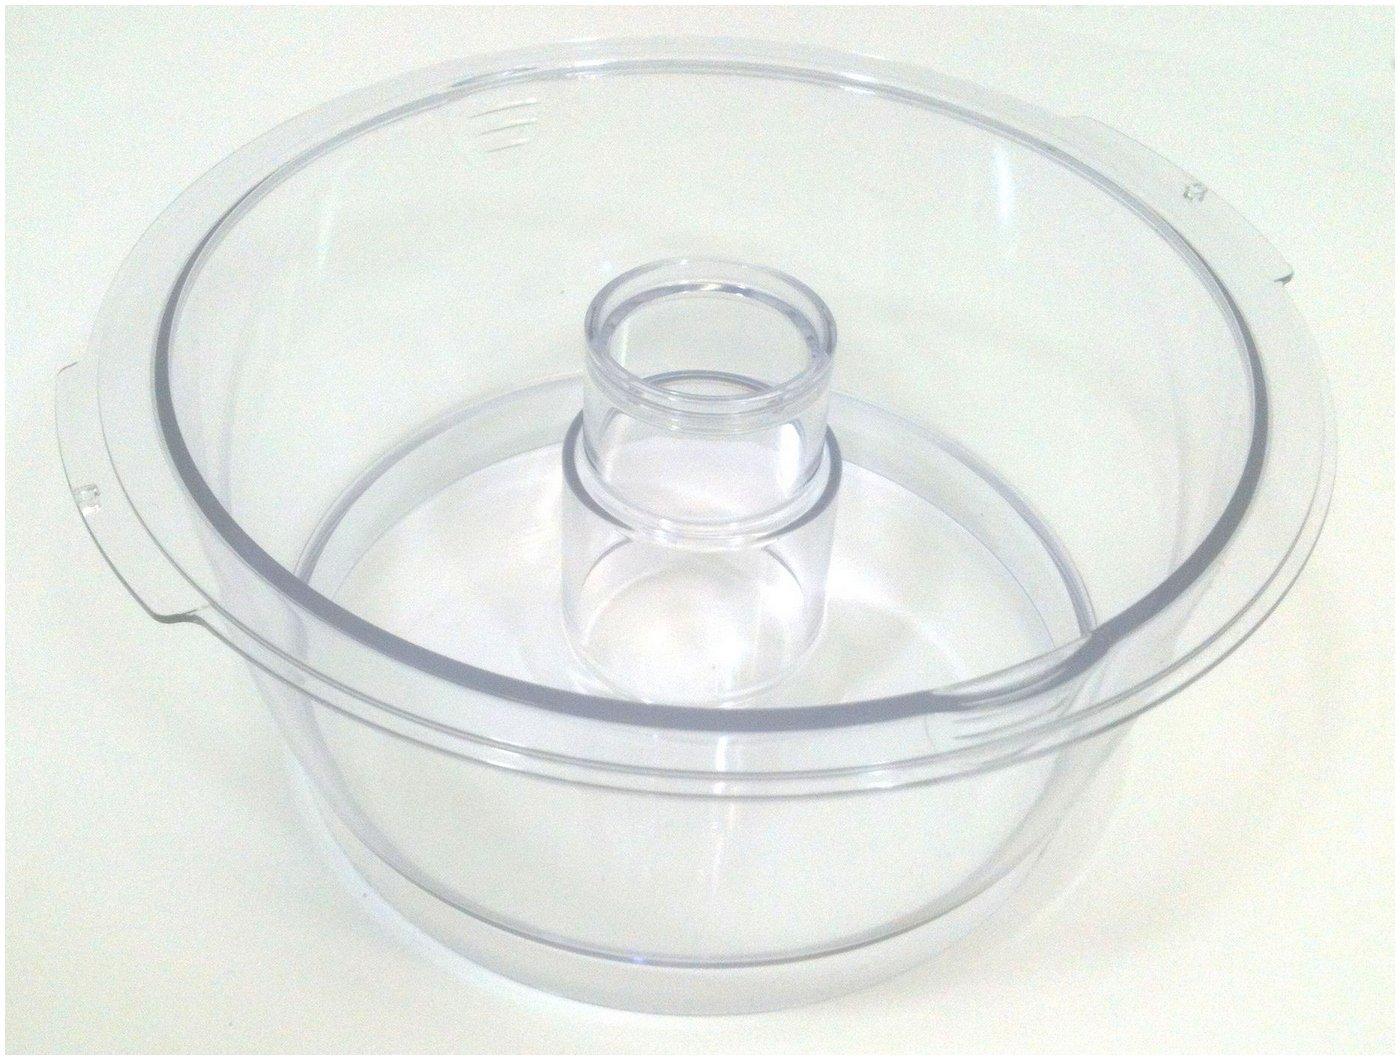 KitchenAid KFP13MB4 4-Cup Mini Bowl For KFP1333